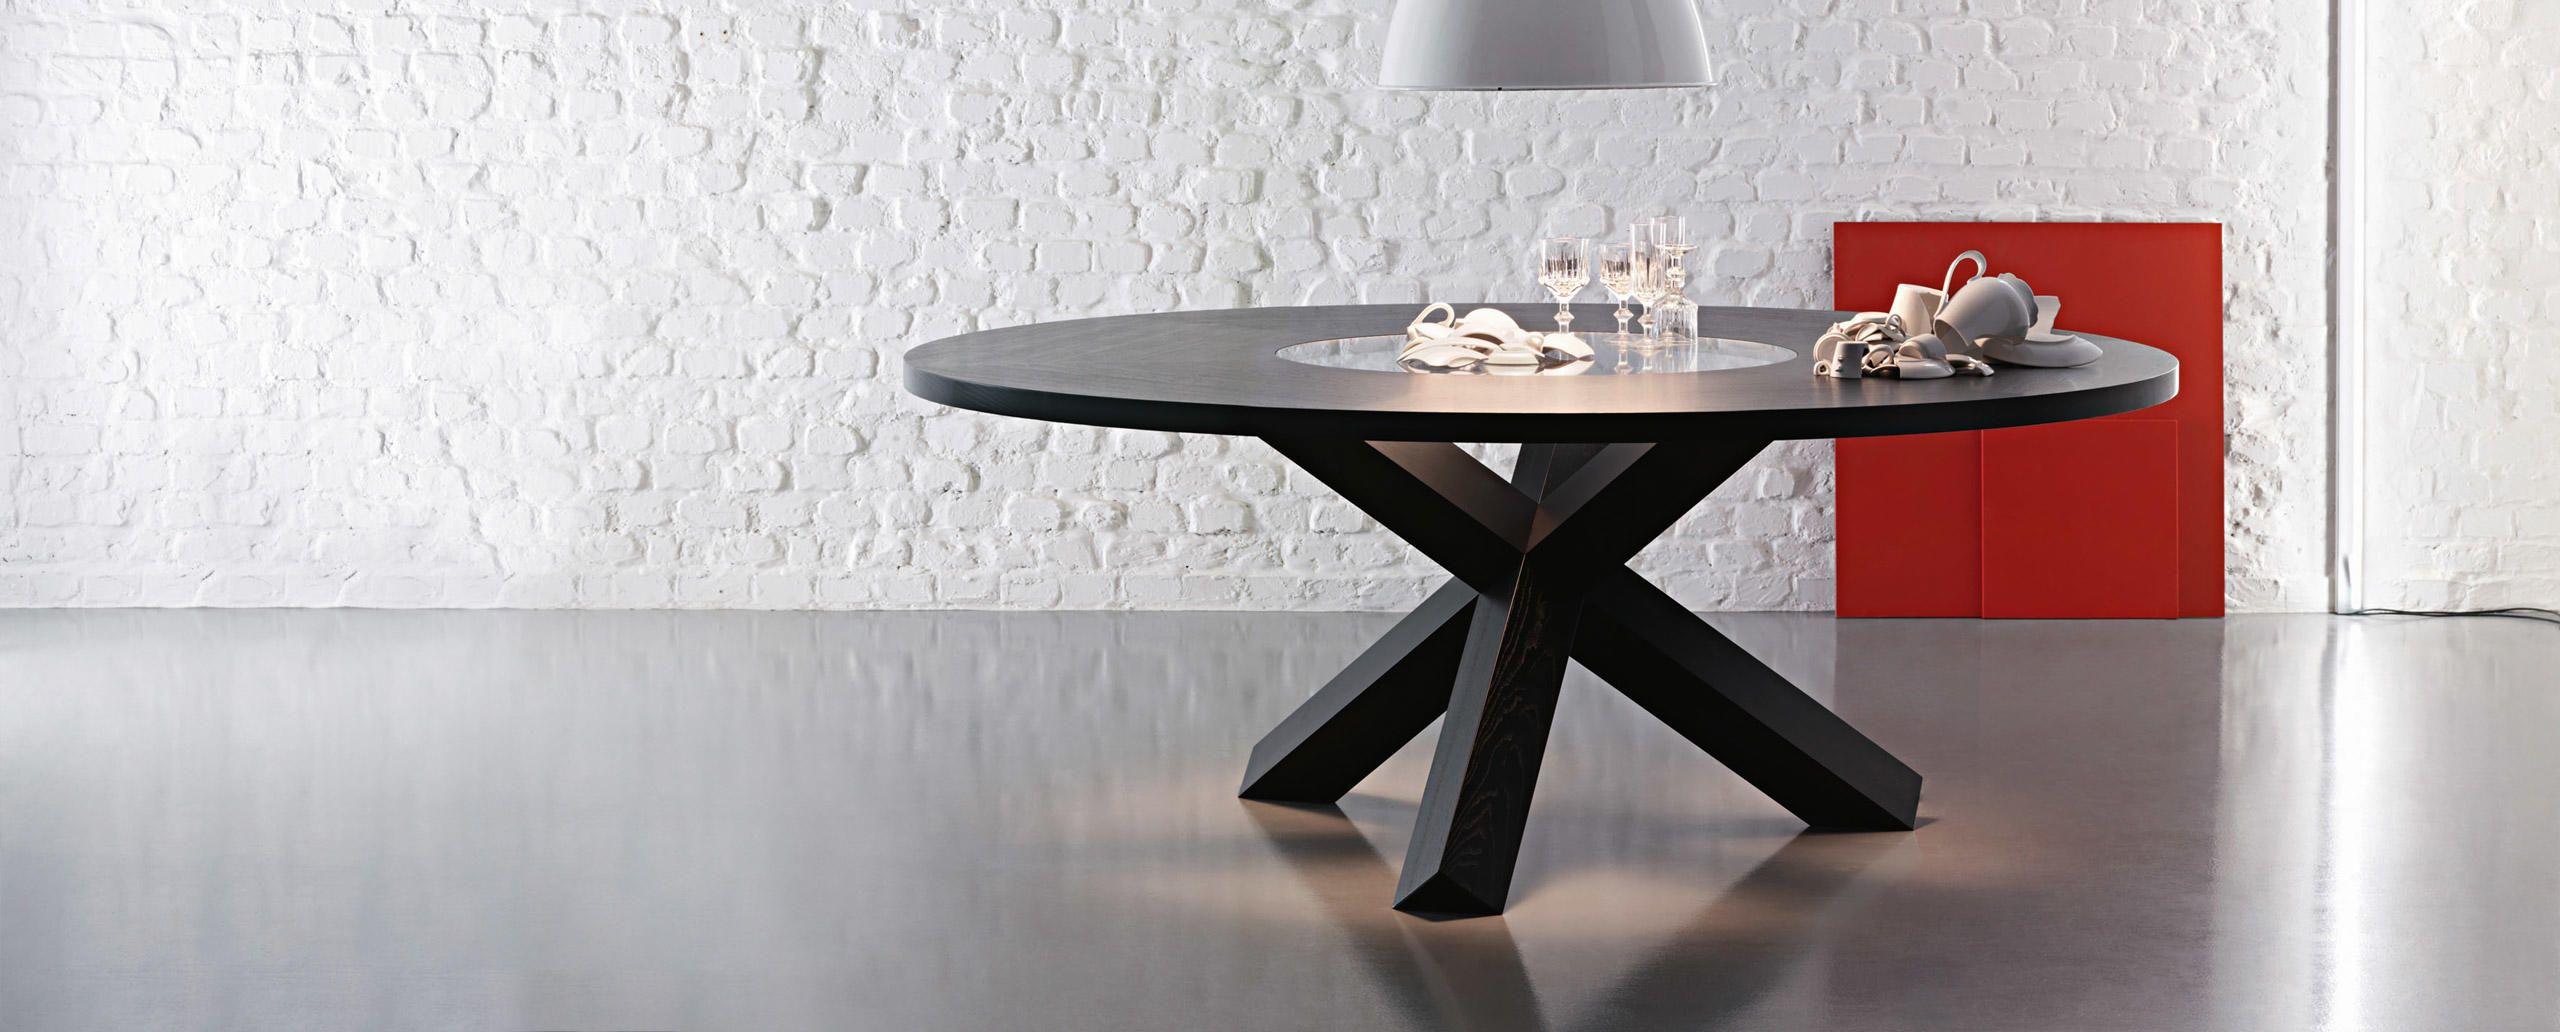 3d0cd5cd8d09644e96d6becba3c2e972 Incroyable De Table Basse Le Corbusier Concept